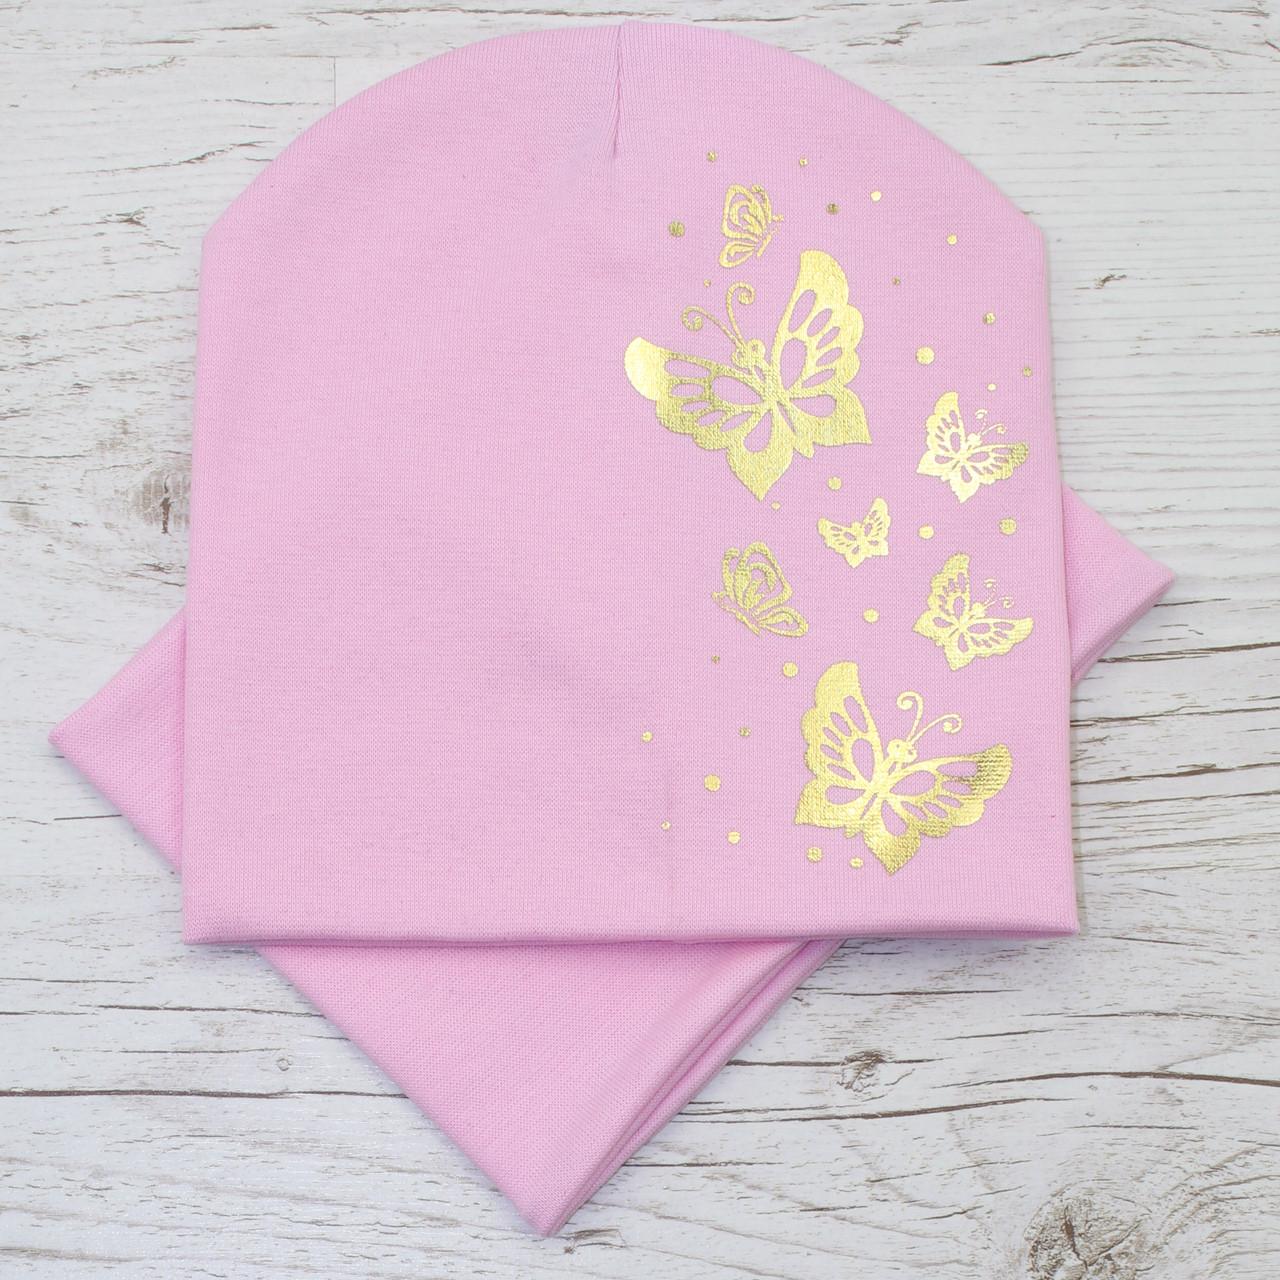 Детская трикотажная шапка комплект св.розовый 52-56р.